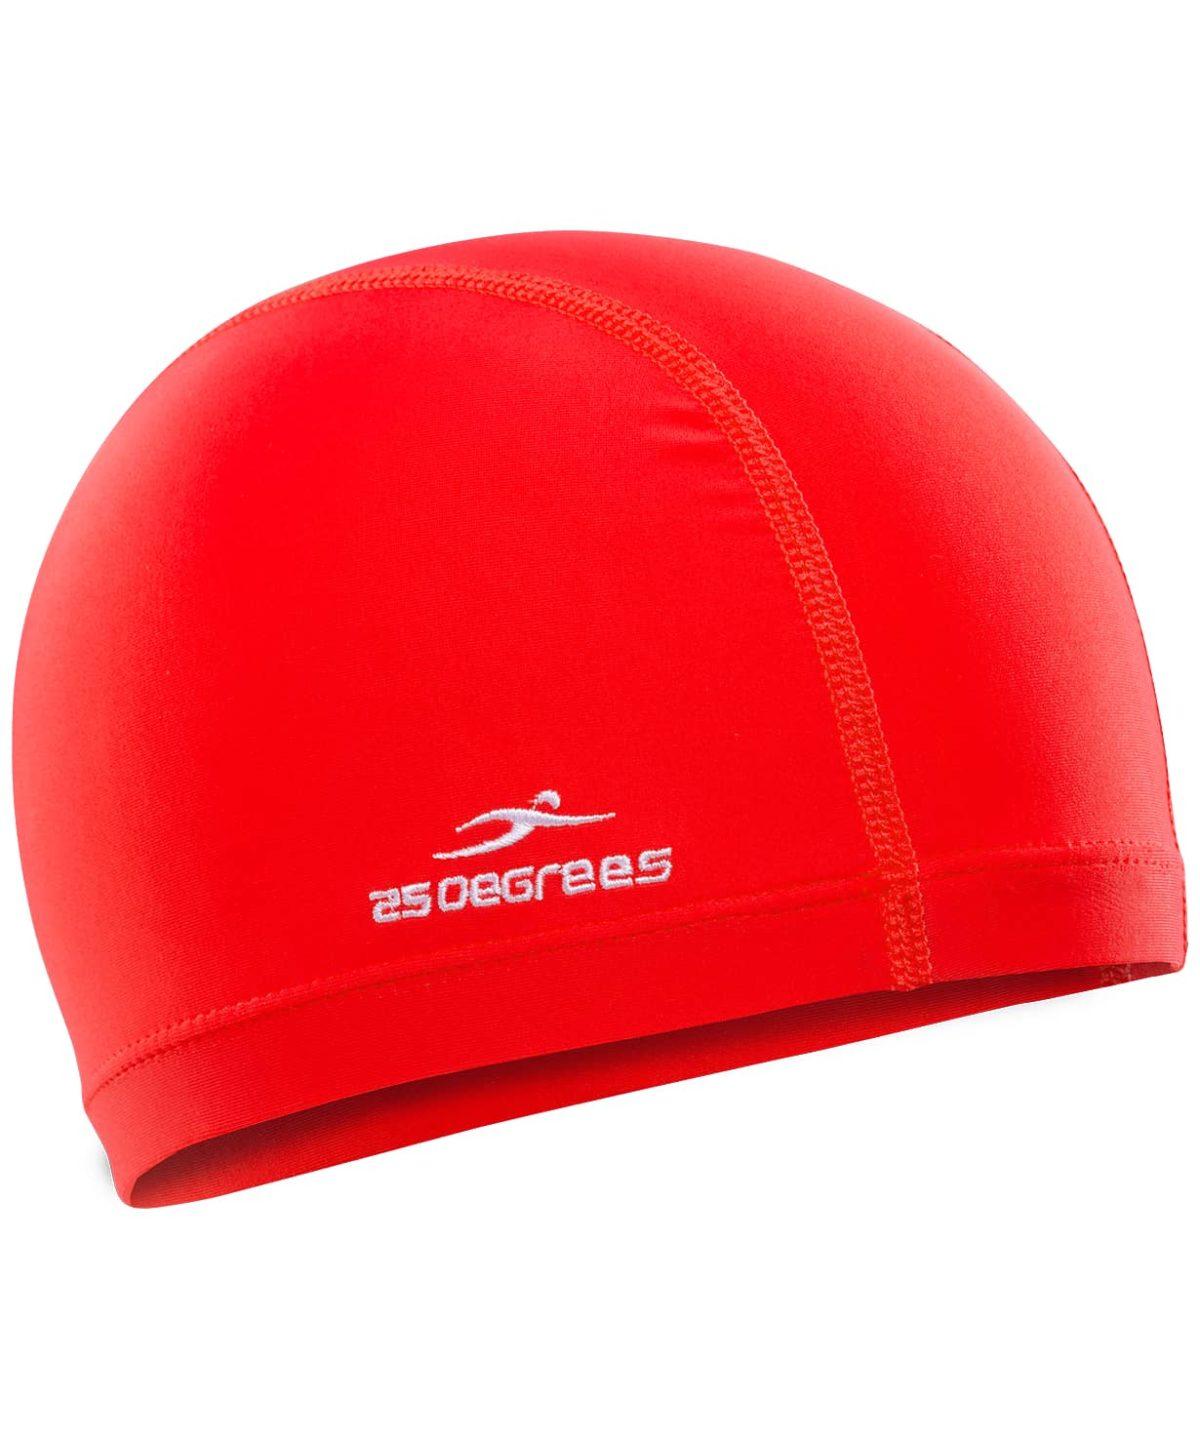 25DEGREES Шапочка для плавания Essence, полиамид 25D15-ES-22-32: красный - 1